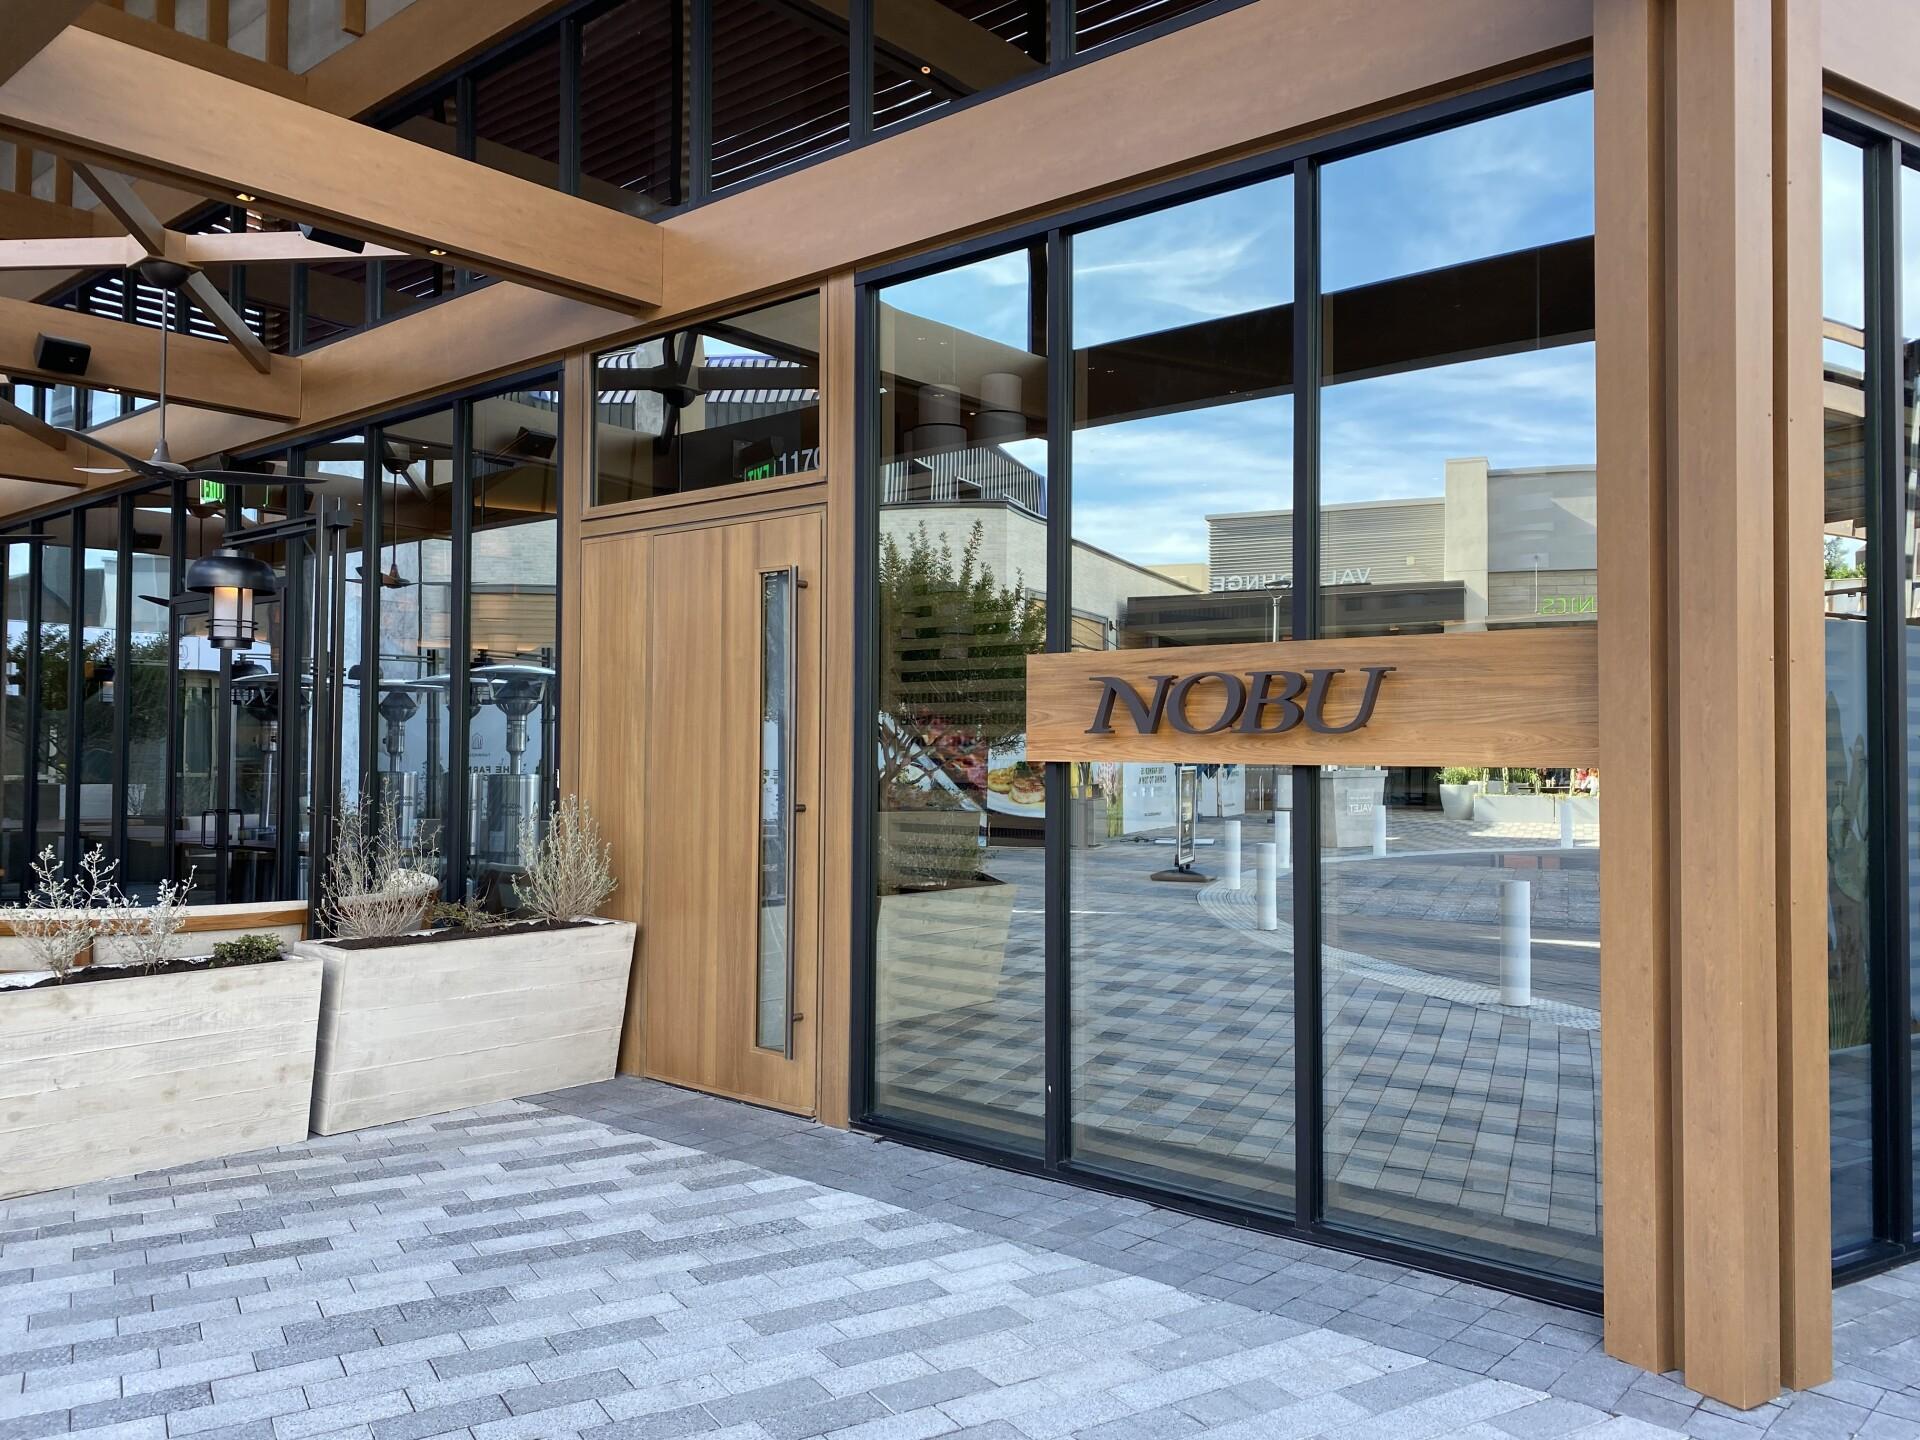 Nobu Scottsdale 2